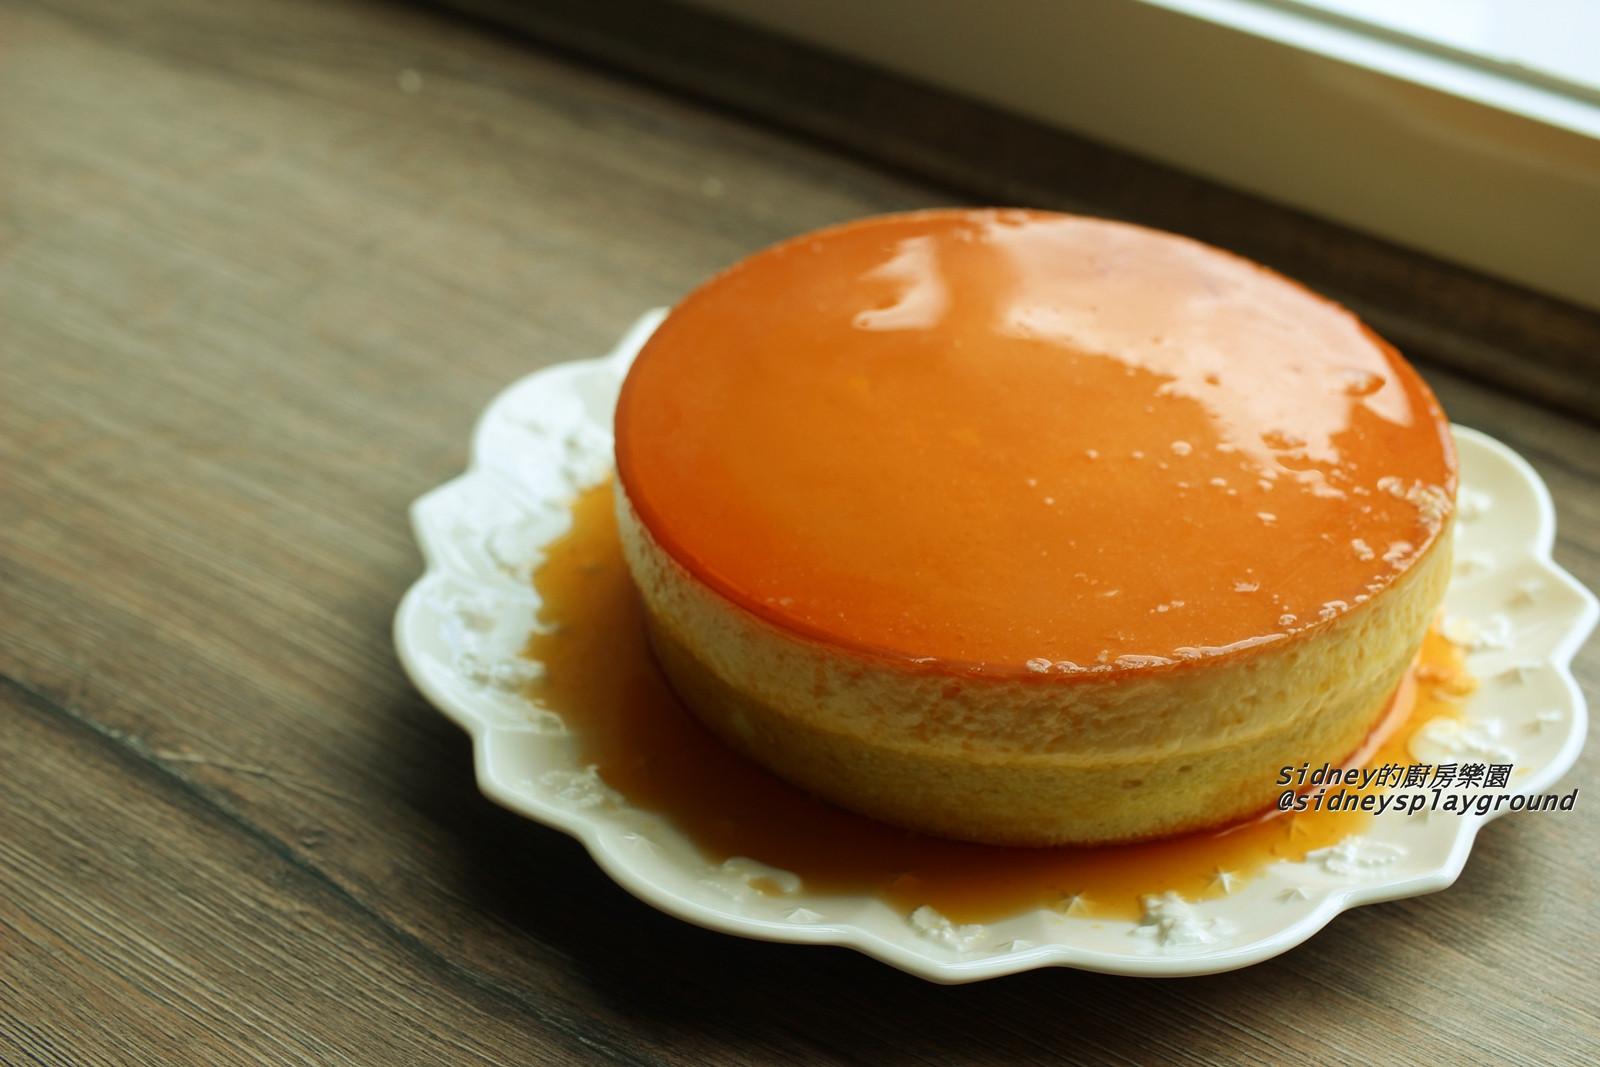 斑蘭棉花布丁蛋糕